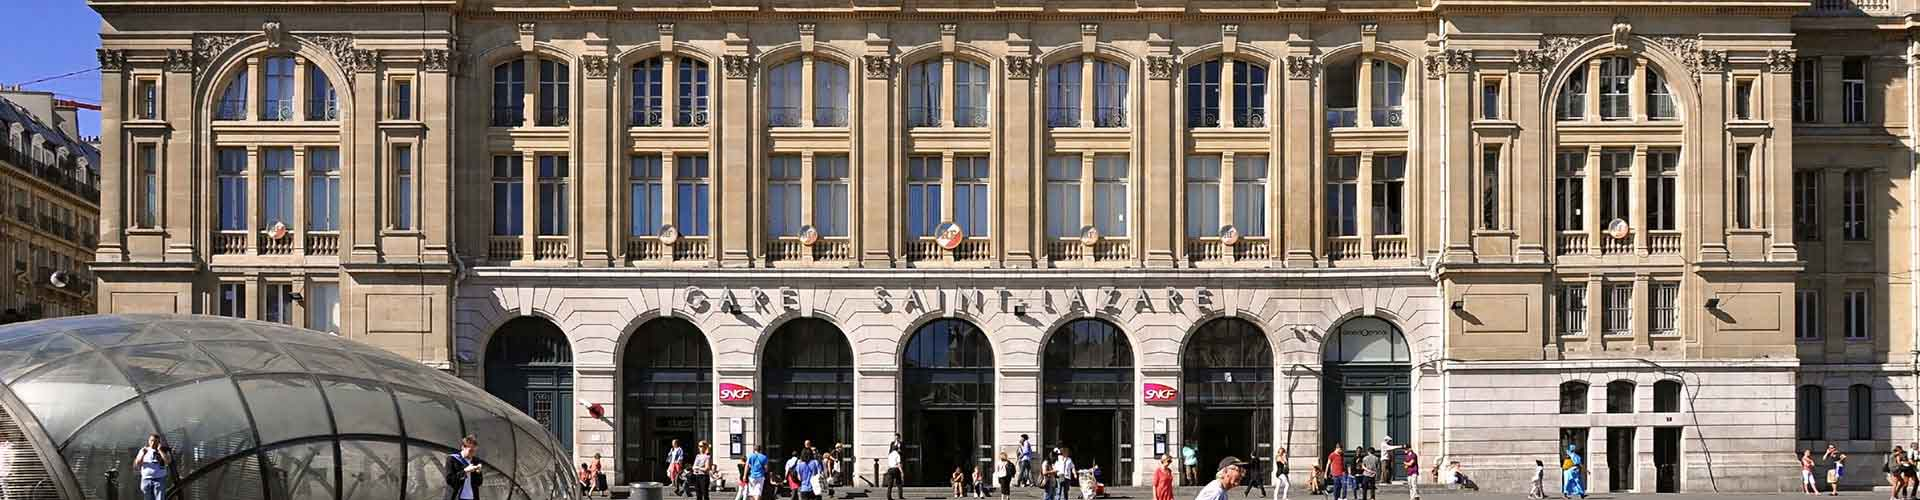 Paris - Zimmer nahe Bahnhof Gare Saint-Lazare. Paris auf der Karte. Fotos und Bewertungen für jedes Zimmer in Paris.